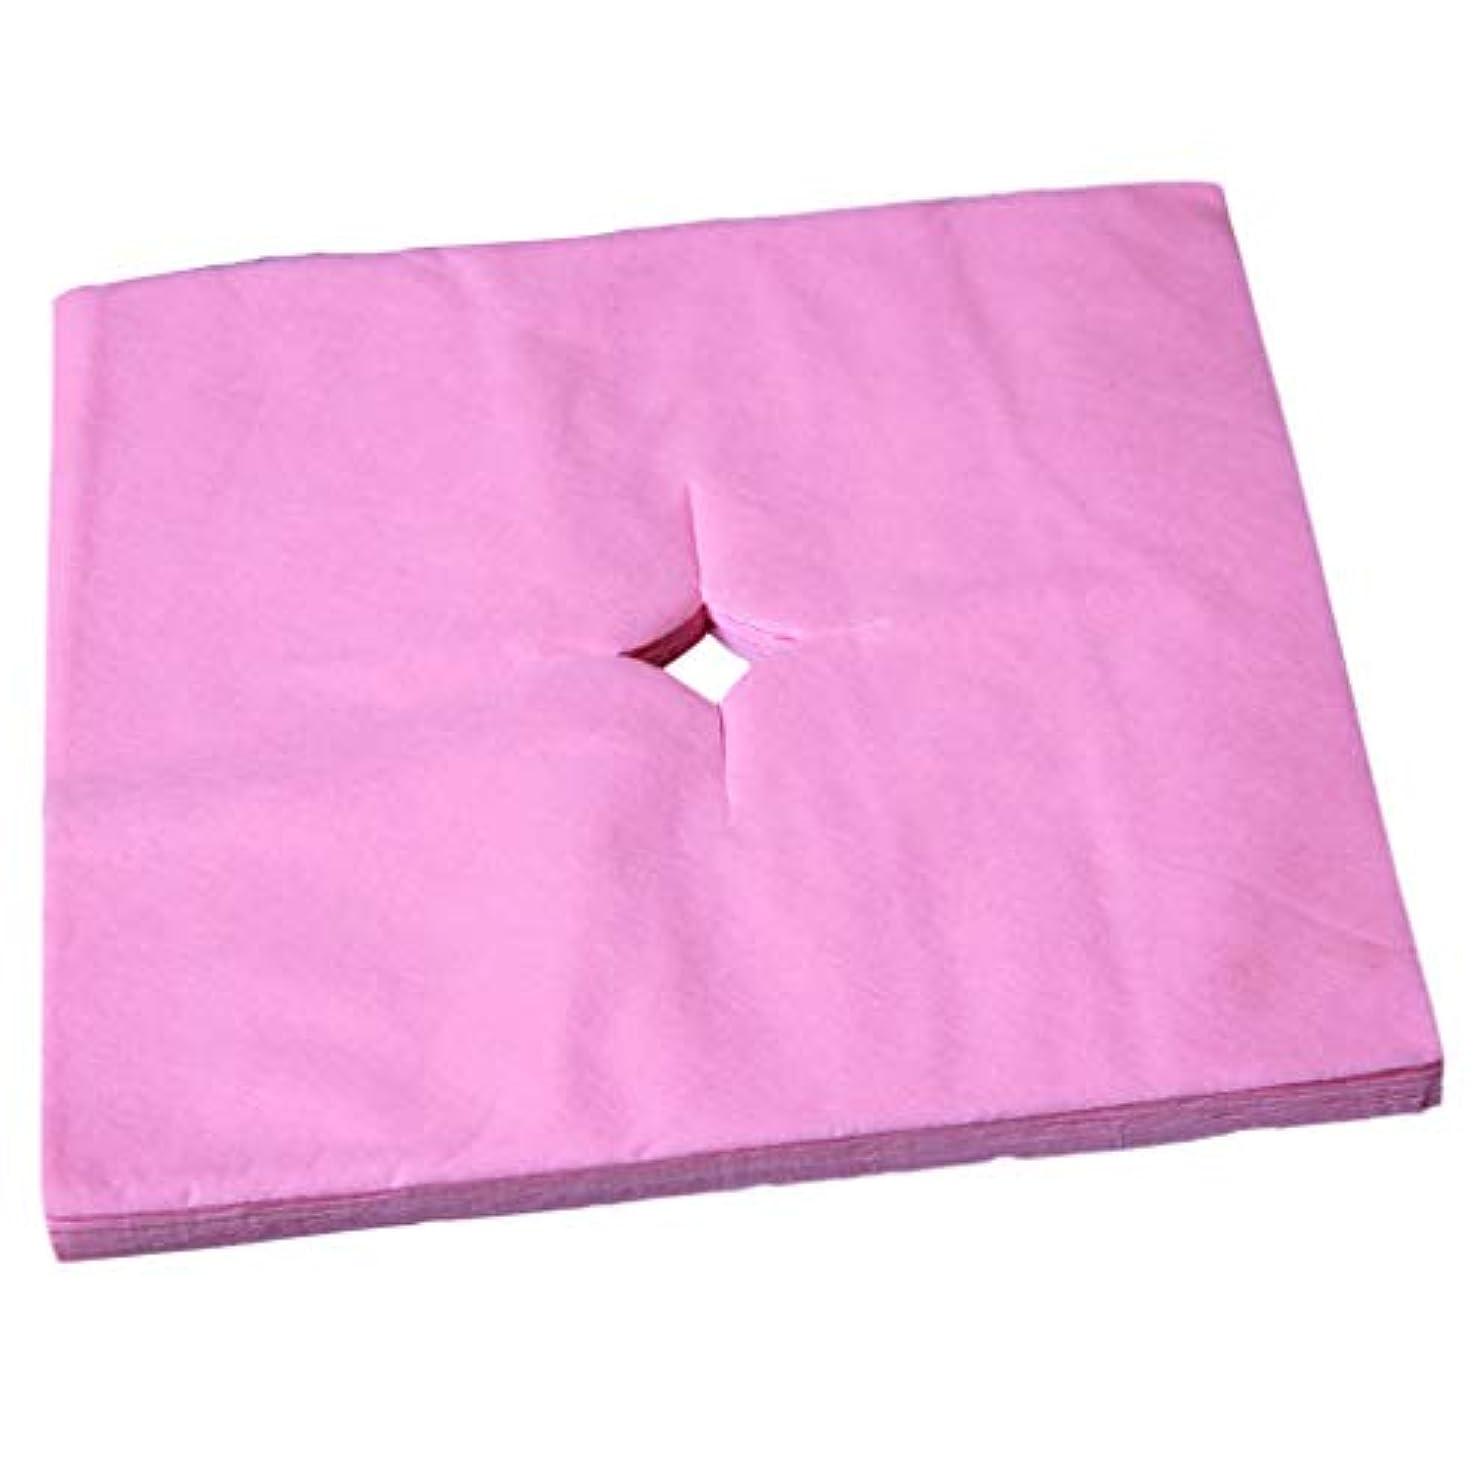 性差別の間にプランテーションフェイスクレードルカバー マッサージフェイスカバー マッサージサロン 使い捨て 寝具カバー 全3色 - ピンク